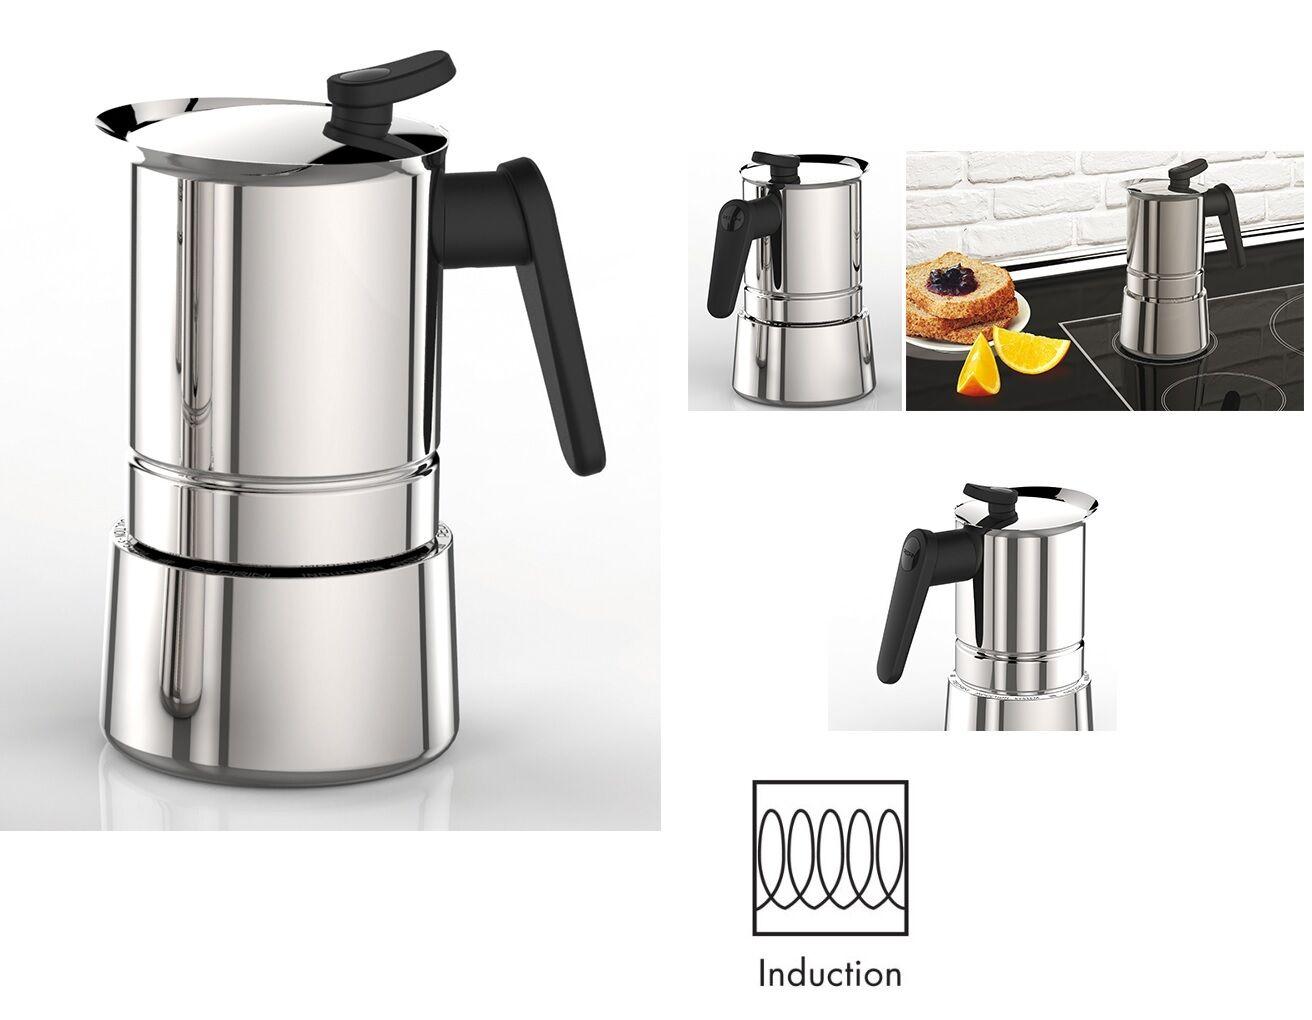 PEDRINI CAFFETTIERA STEEL ACCIAIO INOX 18/10 INDUZIONE MOKA 2 4 6 10 TAZZE CAFFE